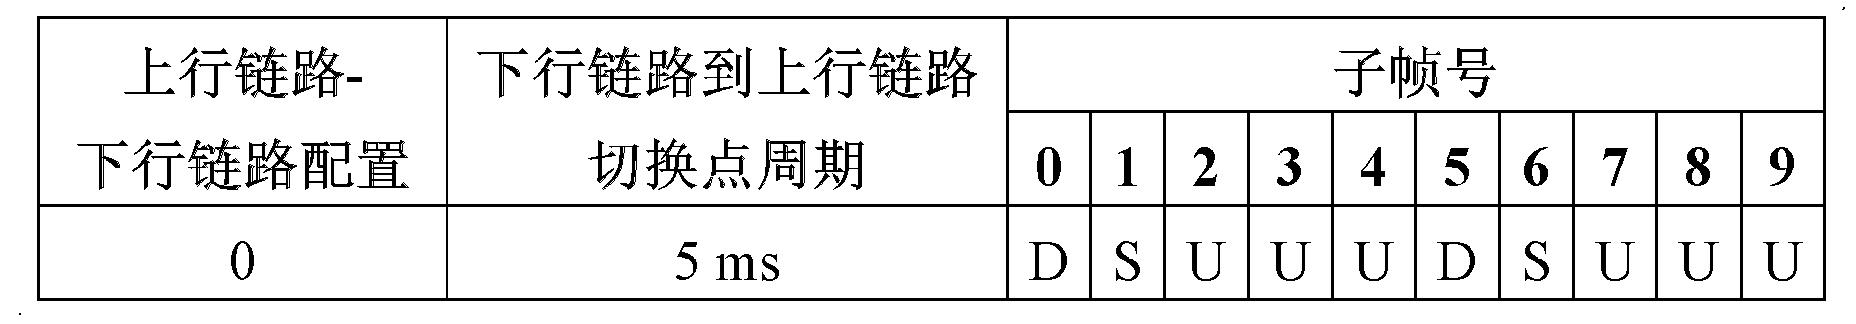 Figure CN102577223BD00121